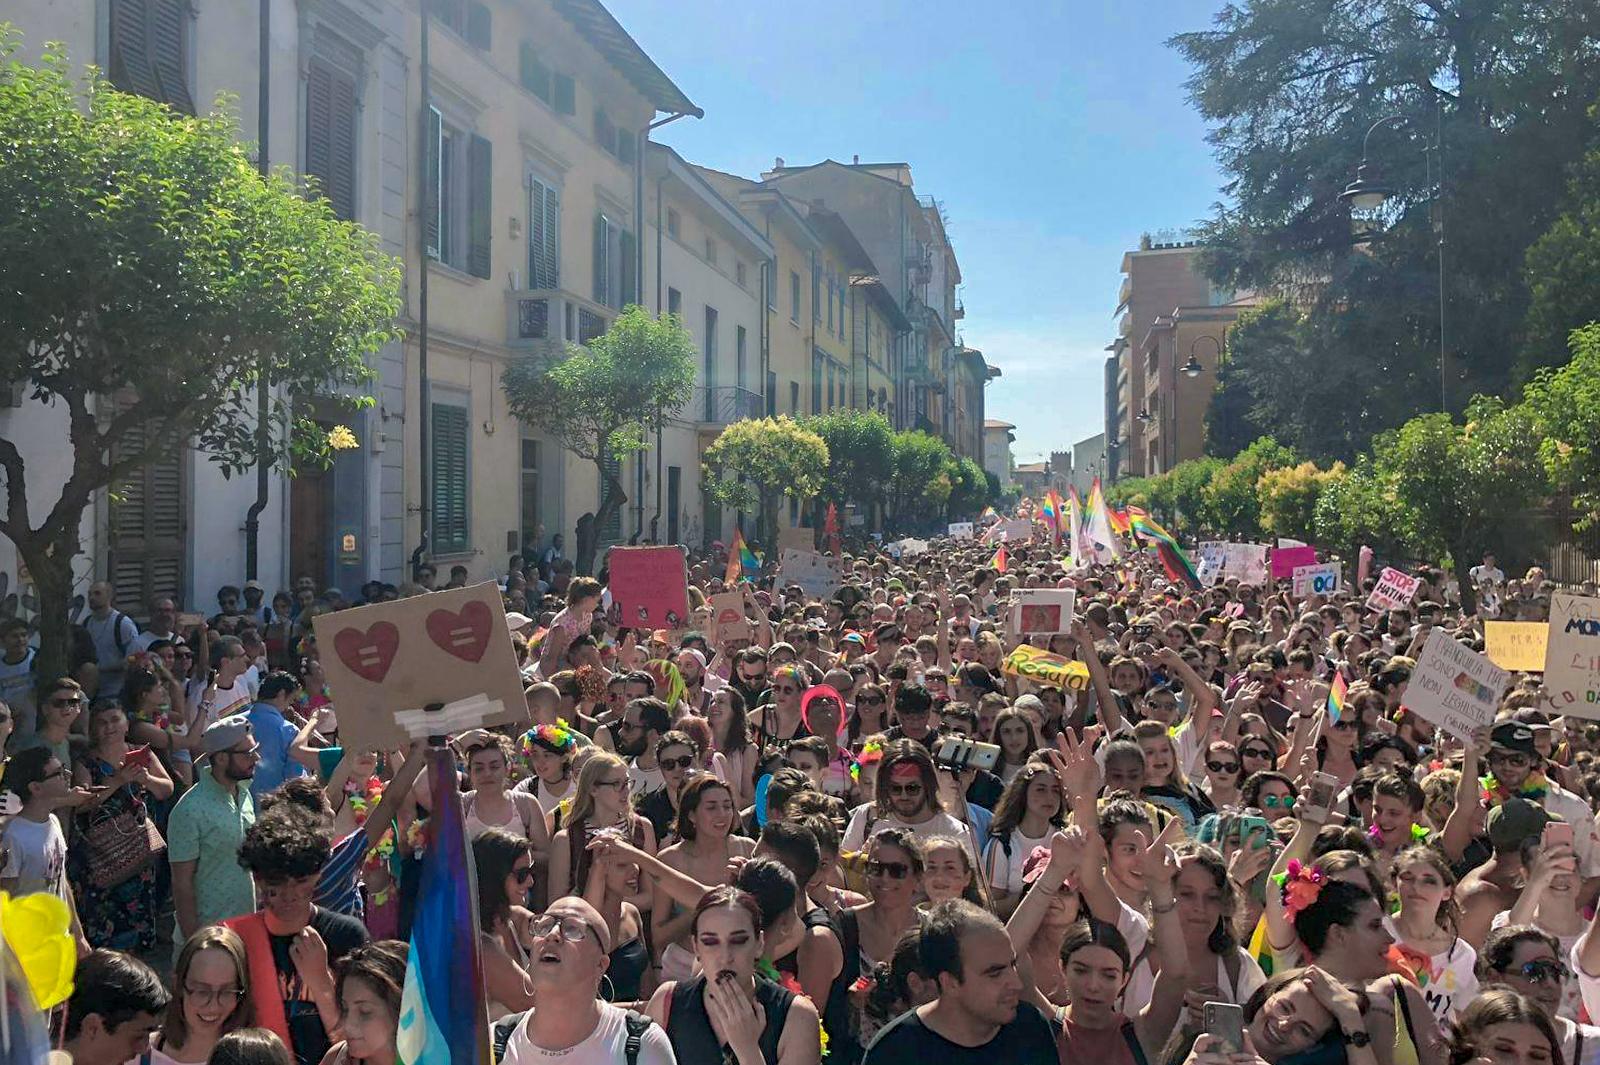 La parata del Toscana Pride di Pisa